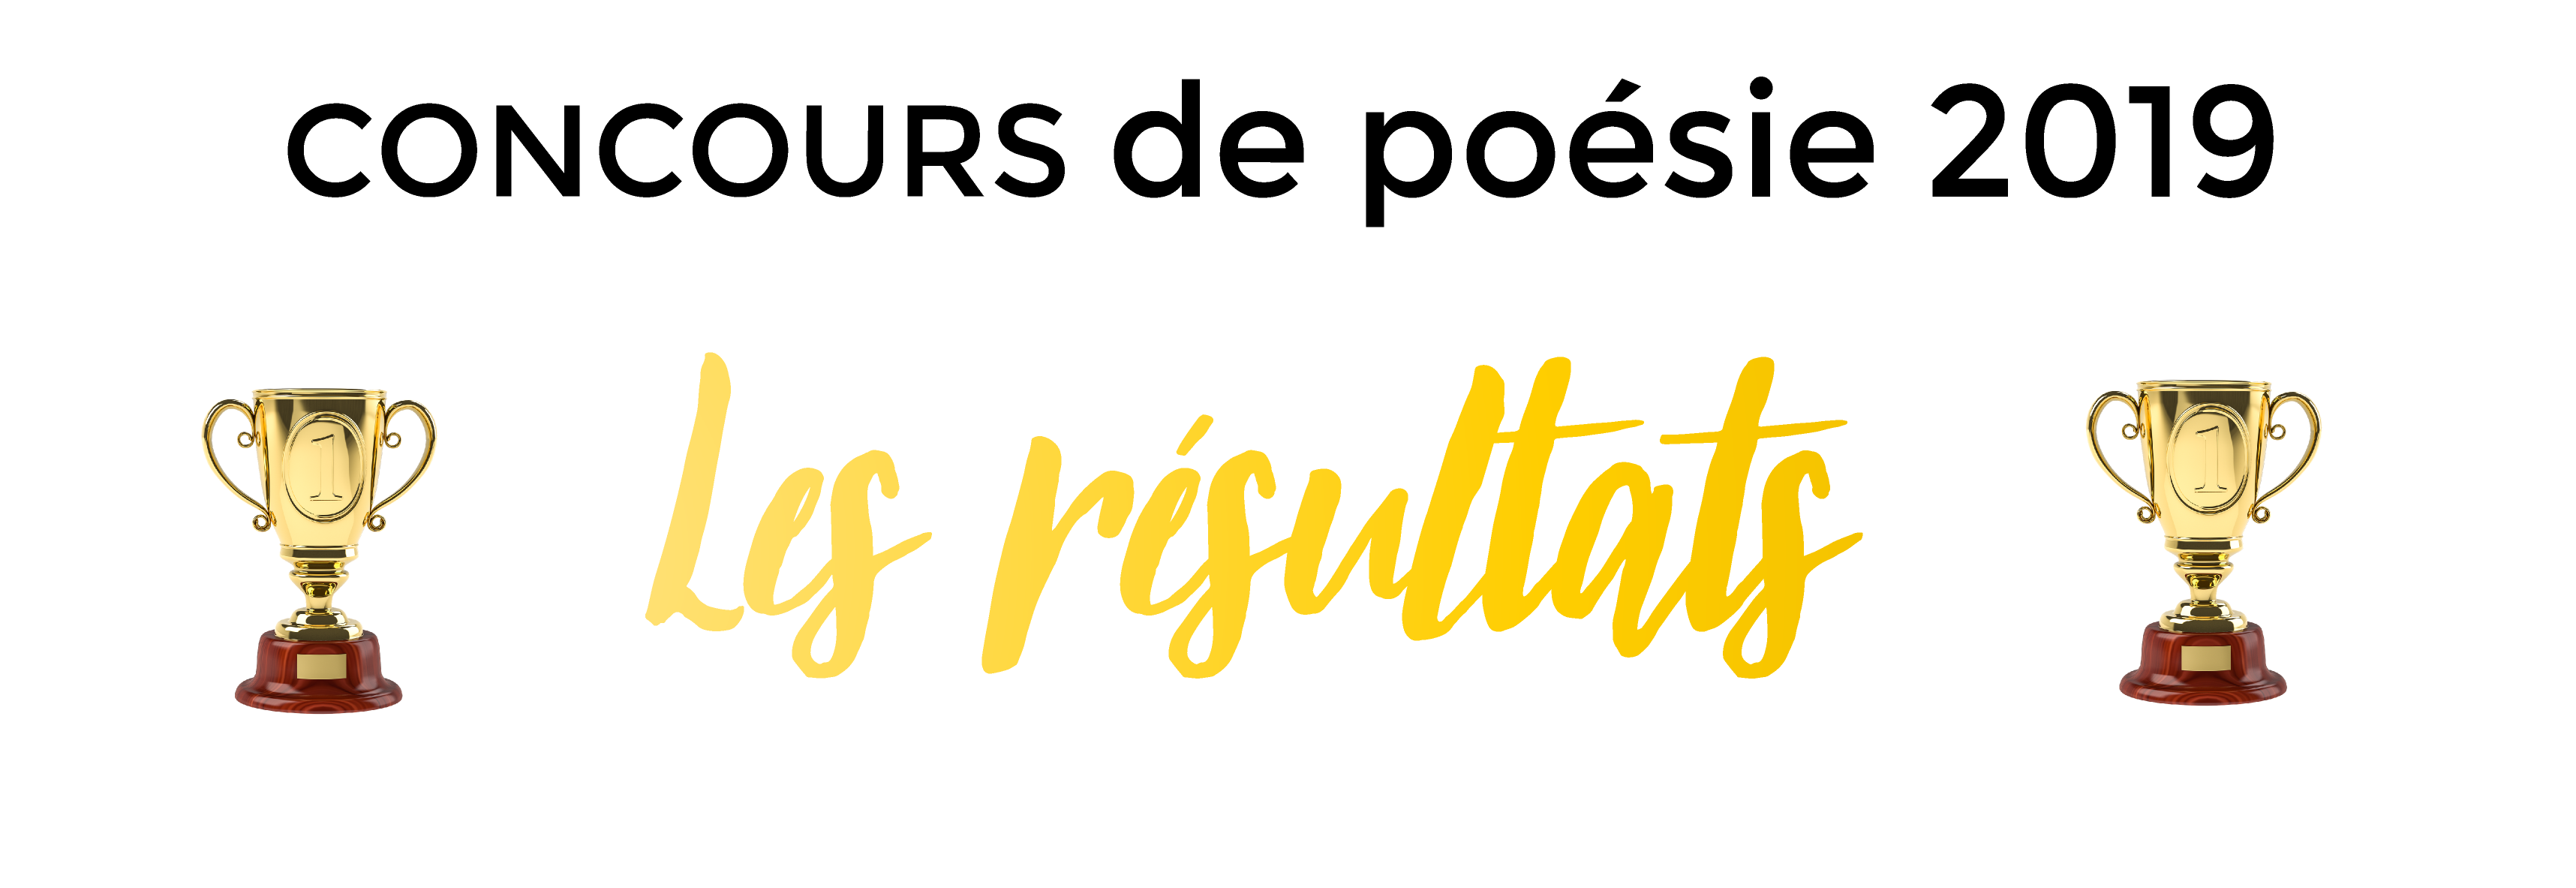 Les Résultats Du Concours De Poésie 2019 Plumes Chrétiennes